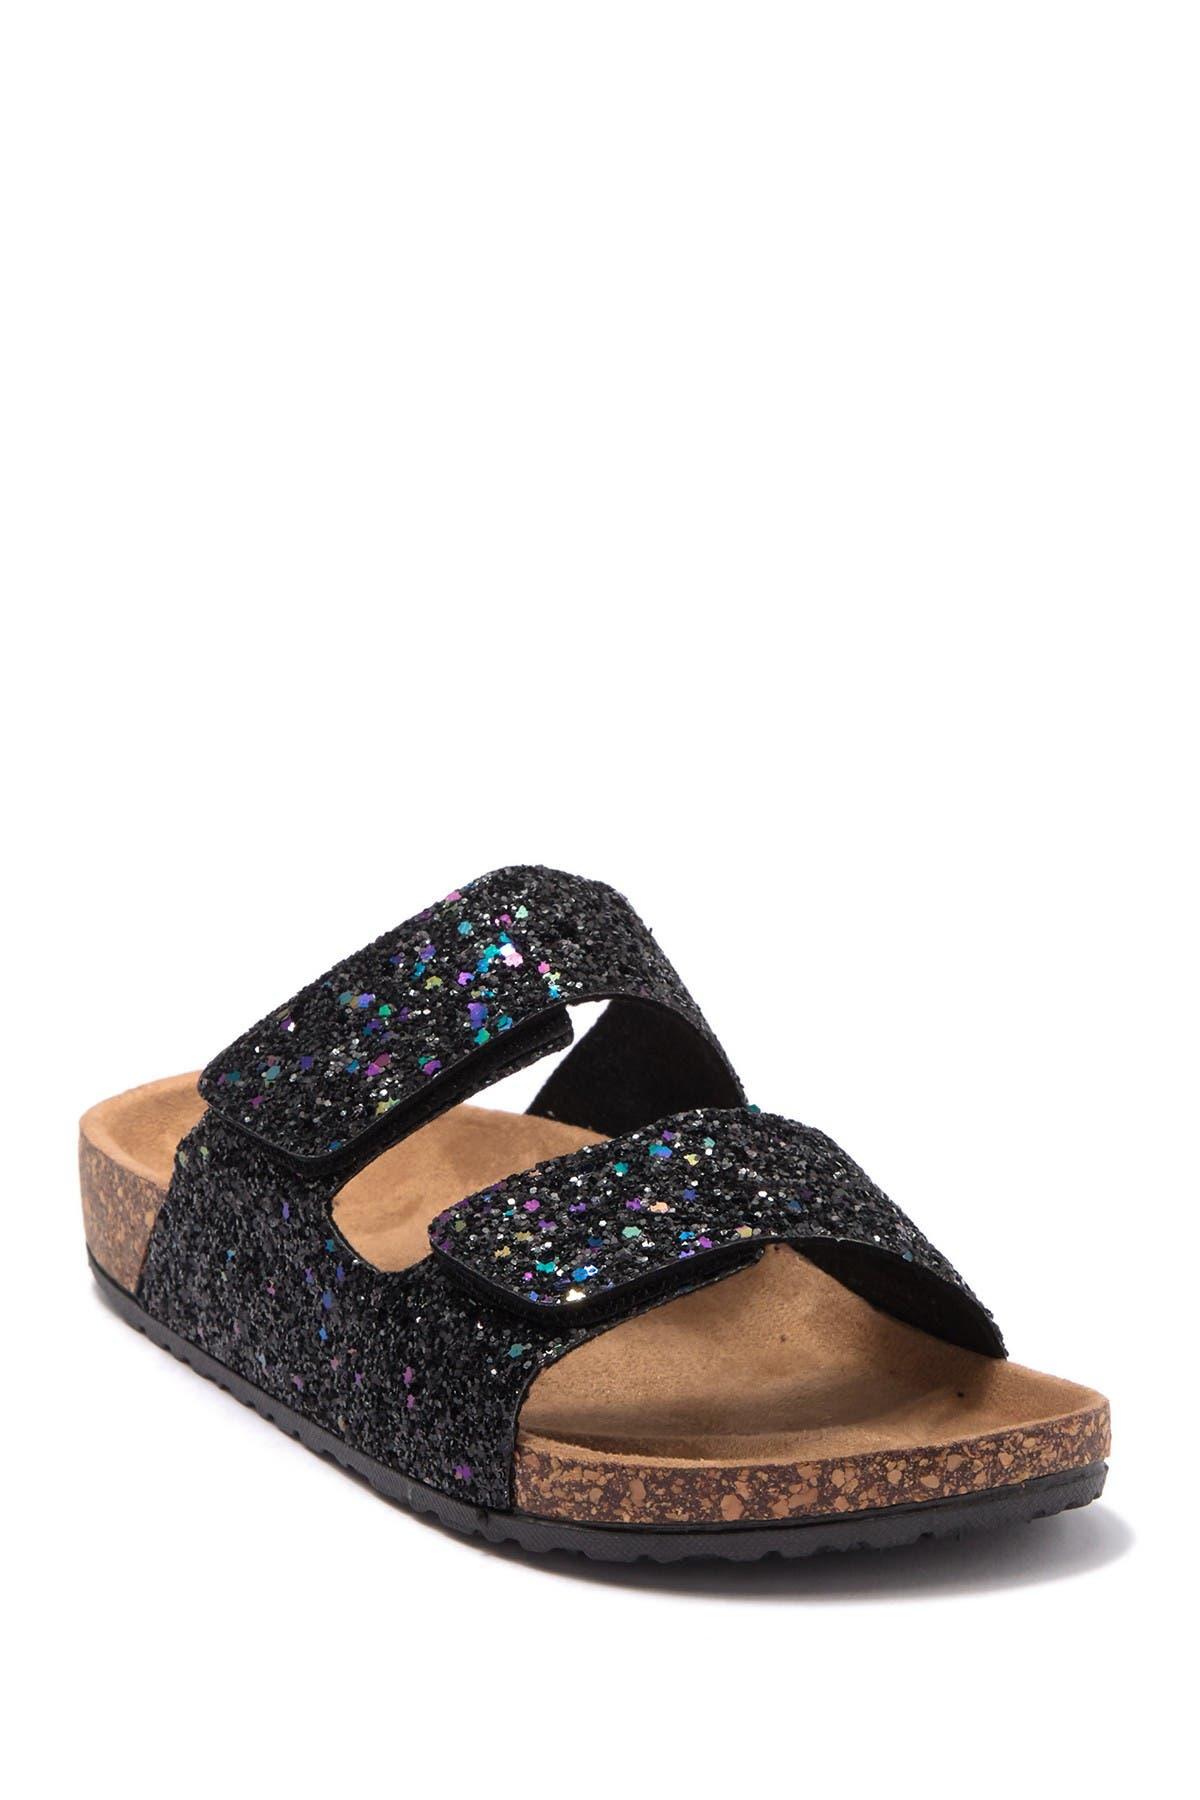 Image of OLIVIA MILLER Glitter Slide Sandal